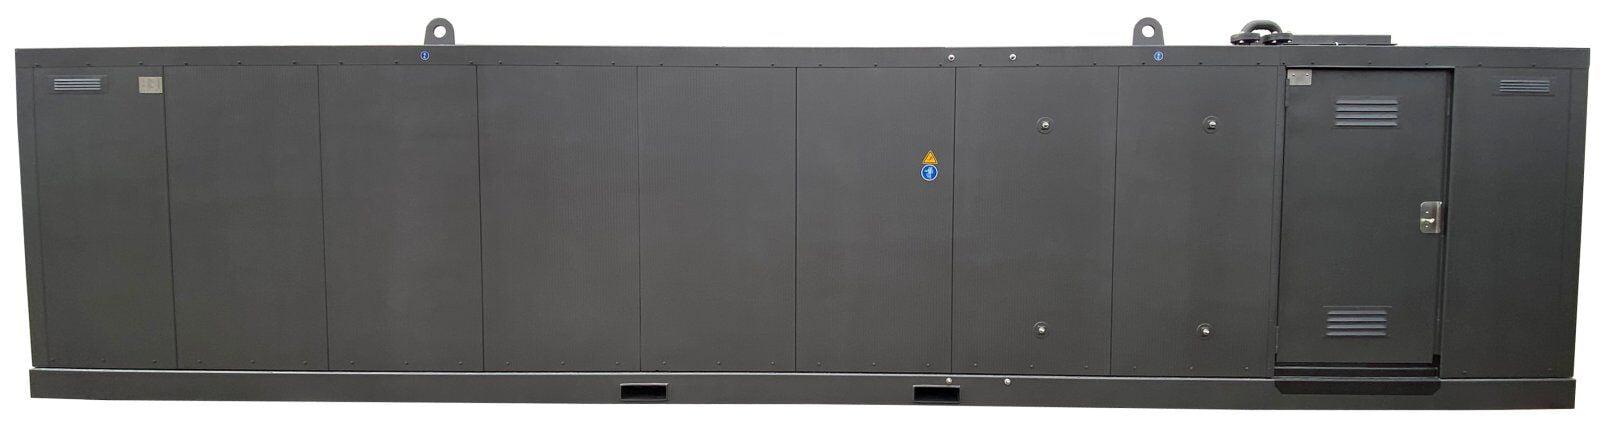 KTD-F 30000 Liter Heizöl Lagertank